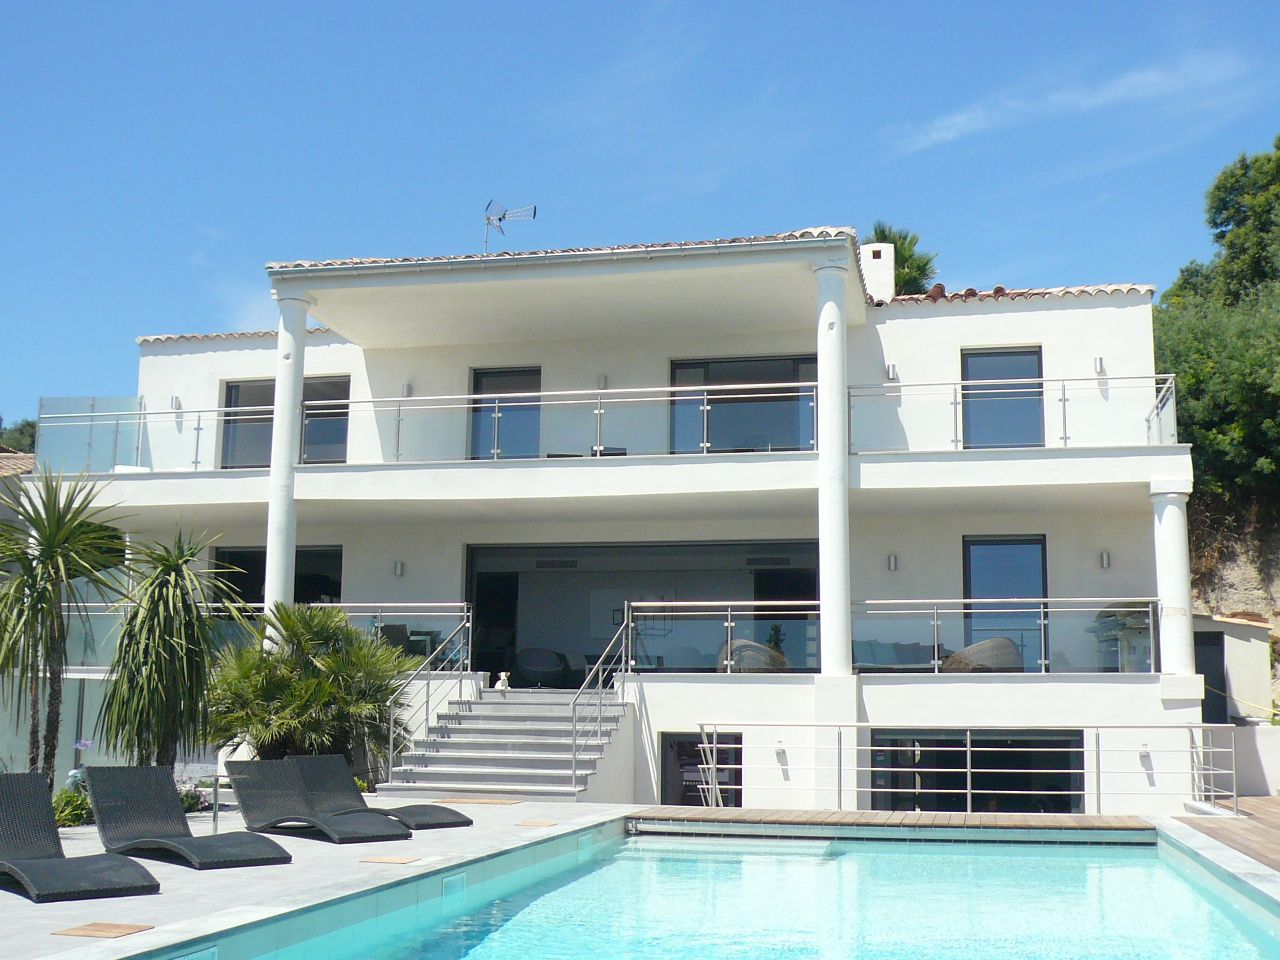 Fachada casa blanca con piscina pool white design for Casa moderna blanca con piscina